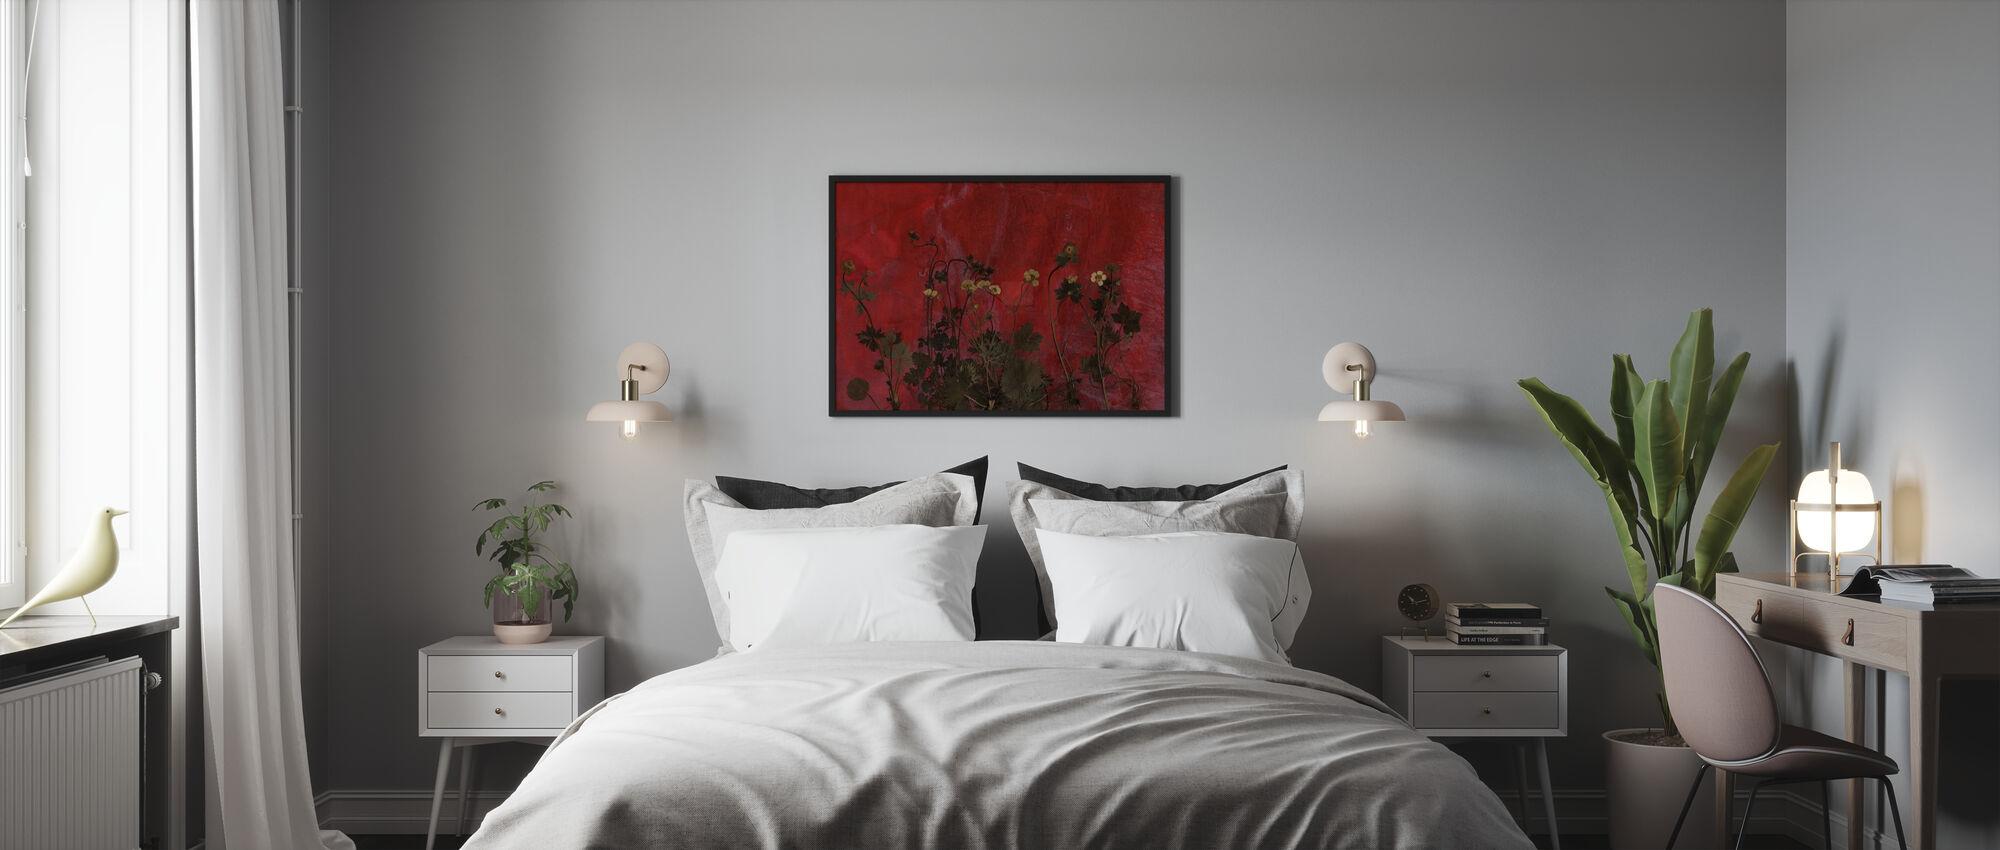 Prato - Stampa incorniciata - Camera da letto